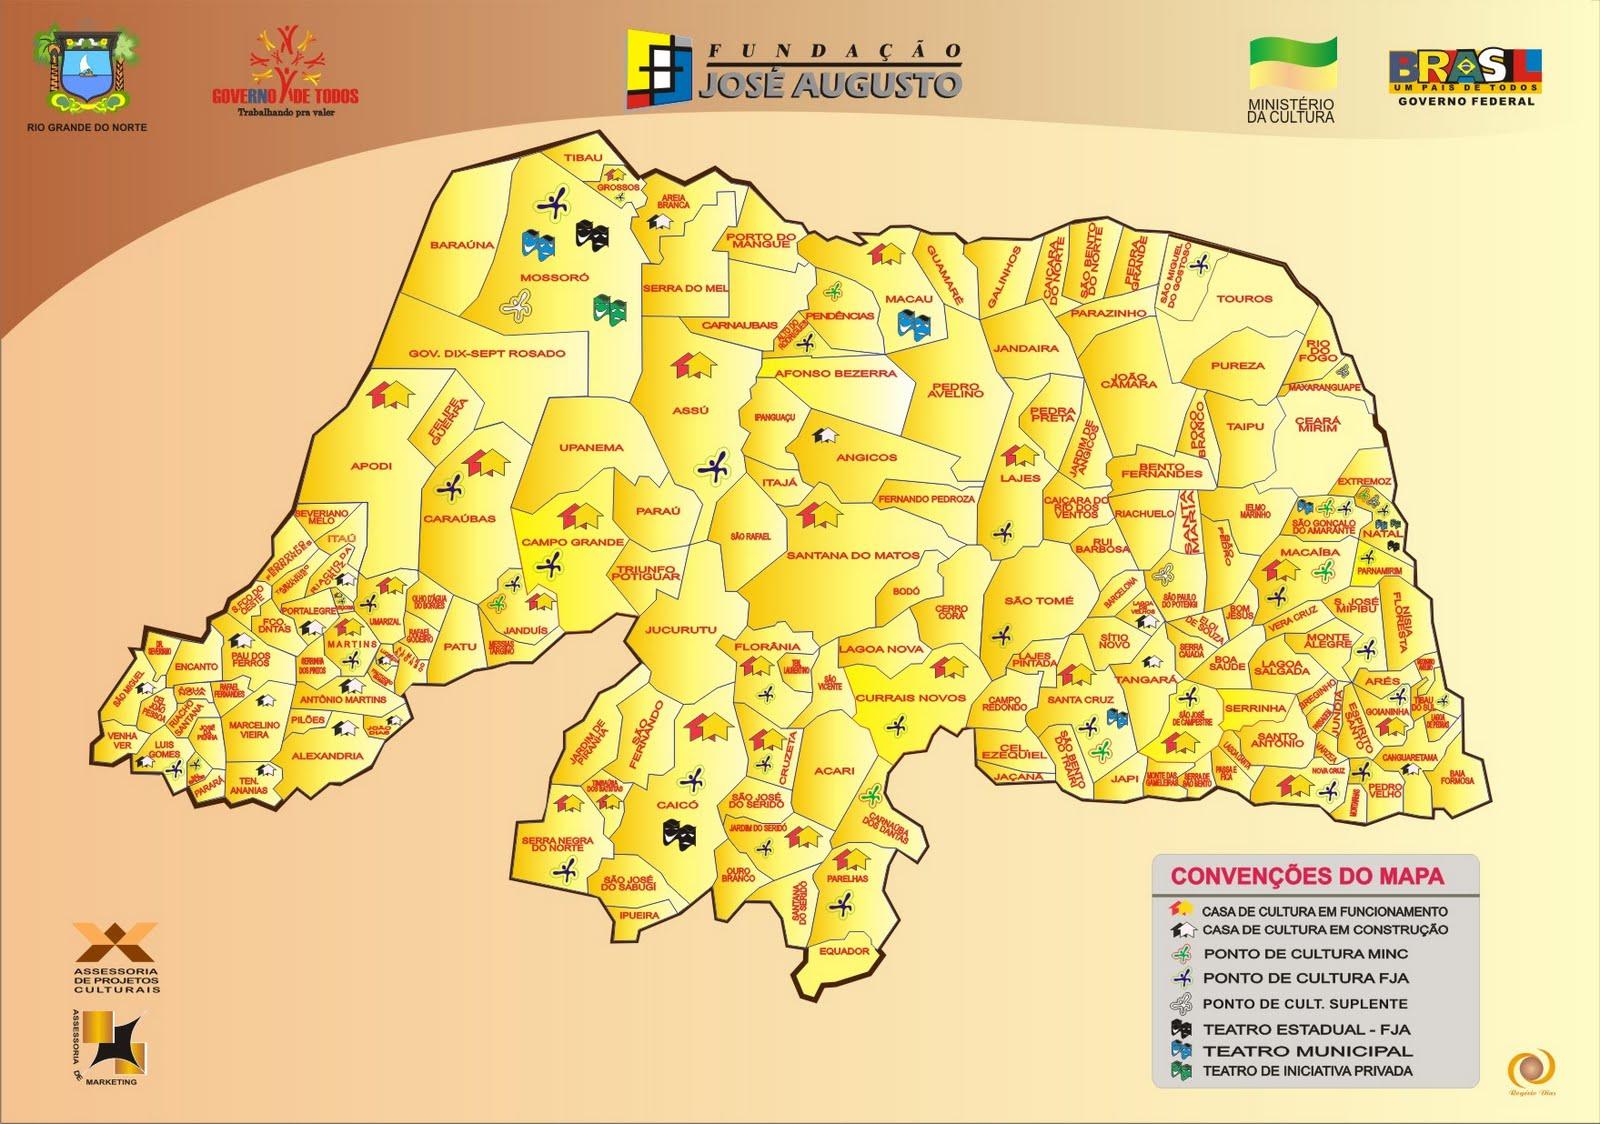 Mapas do Estado do Rio Grande do Norte